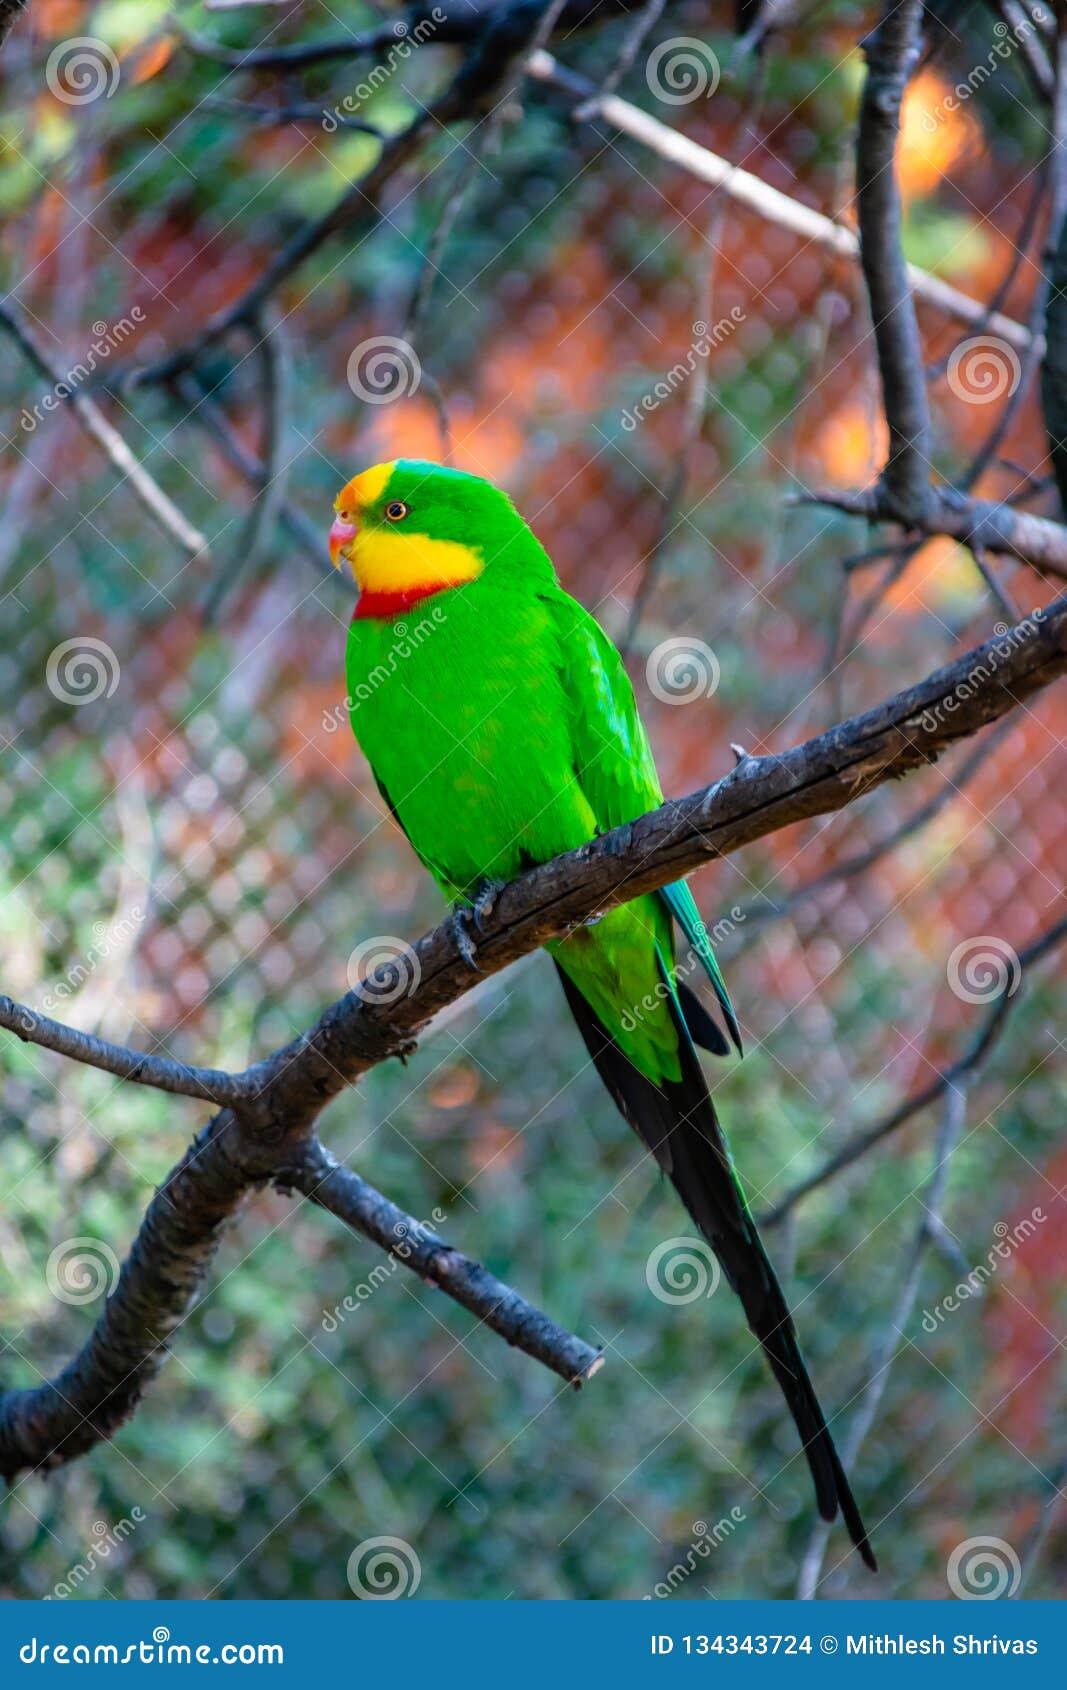 In kudden levende papegaaizitting in boomtak in de Dierentuin van Praag, Tsjechische Republiek